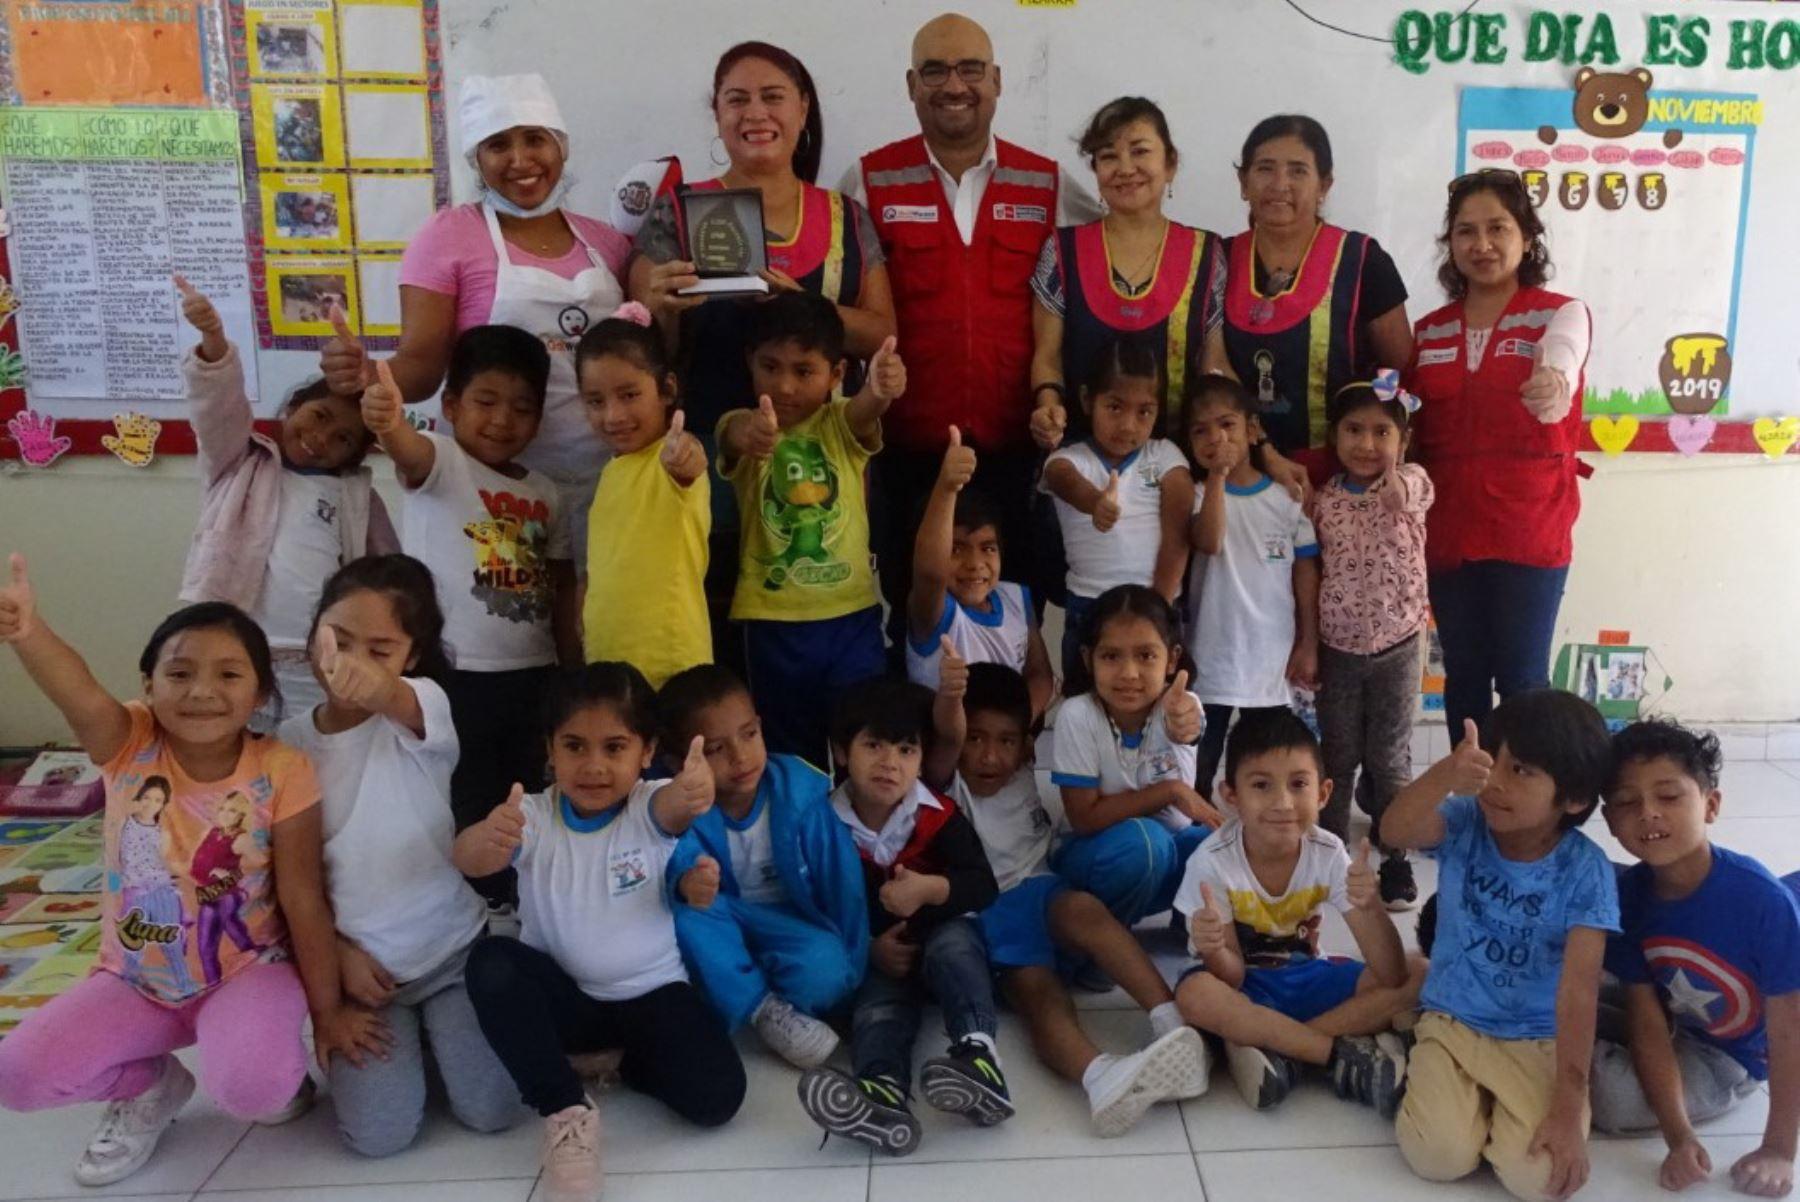 Qali Warma reconoce a colegio de Chiclayo por buenas prácticas en gestión alimentaria - Agencia Andina